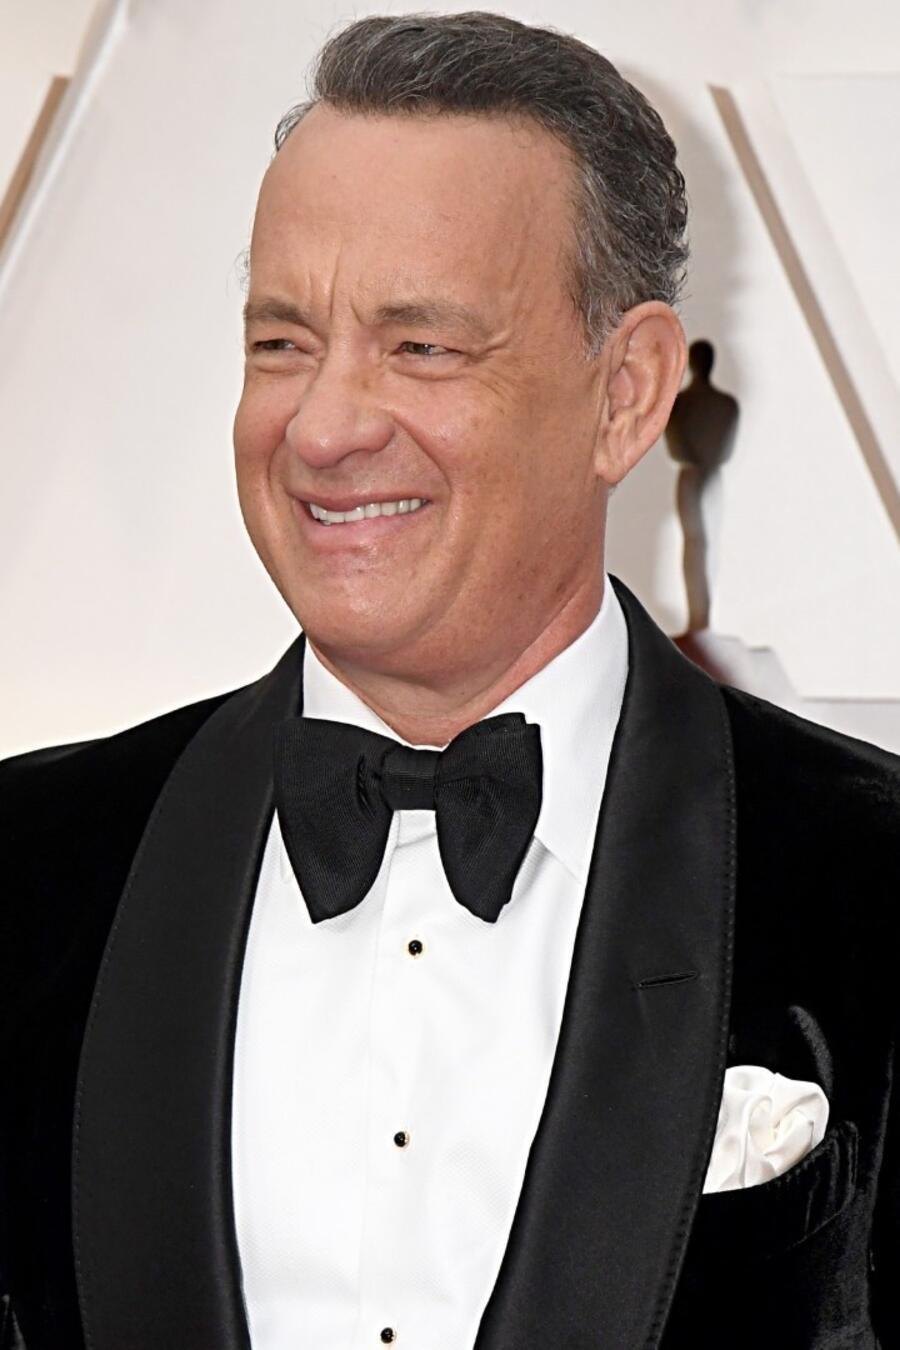 Tom Hanks asiste a los 92o Premios anuales de la Academia en Hollywood en febrero 2020